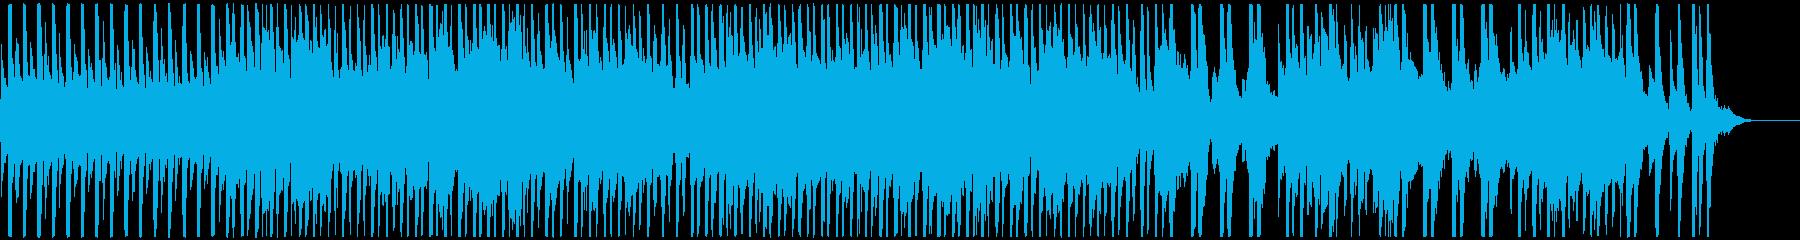 ピッチカートとかわいいマリンバのBGMの再生済みの波形